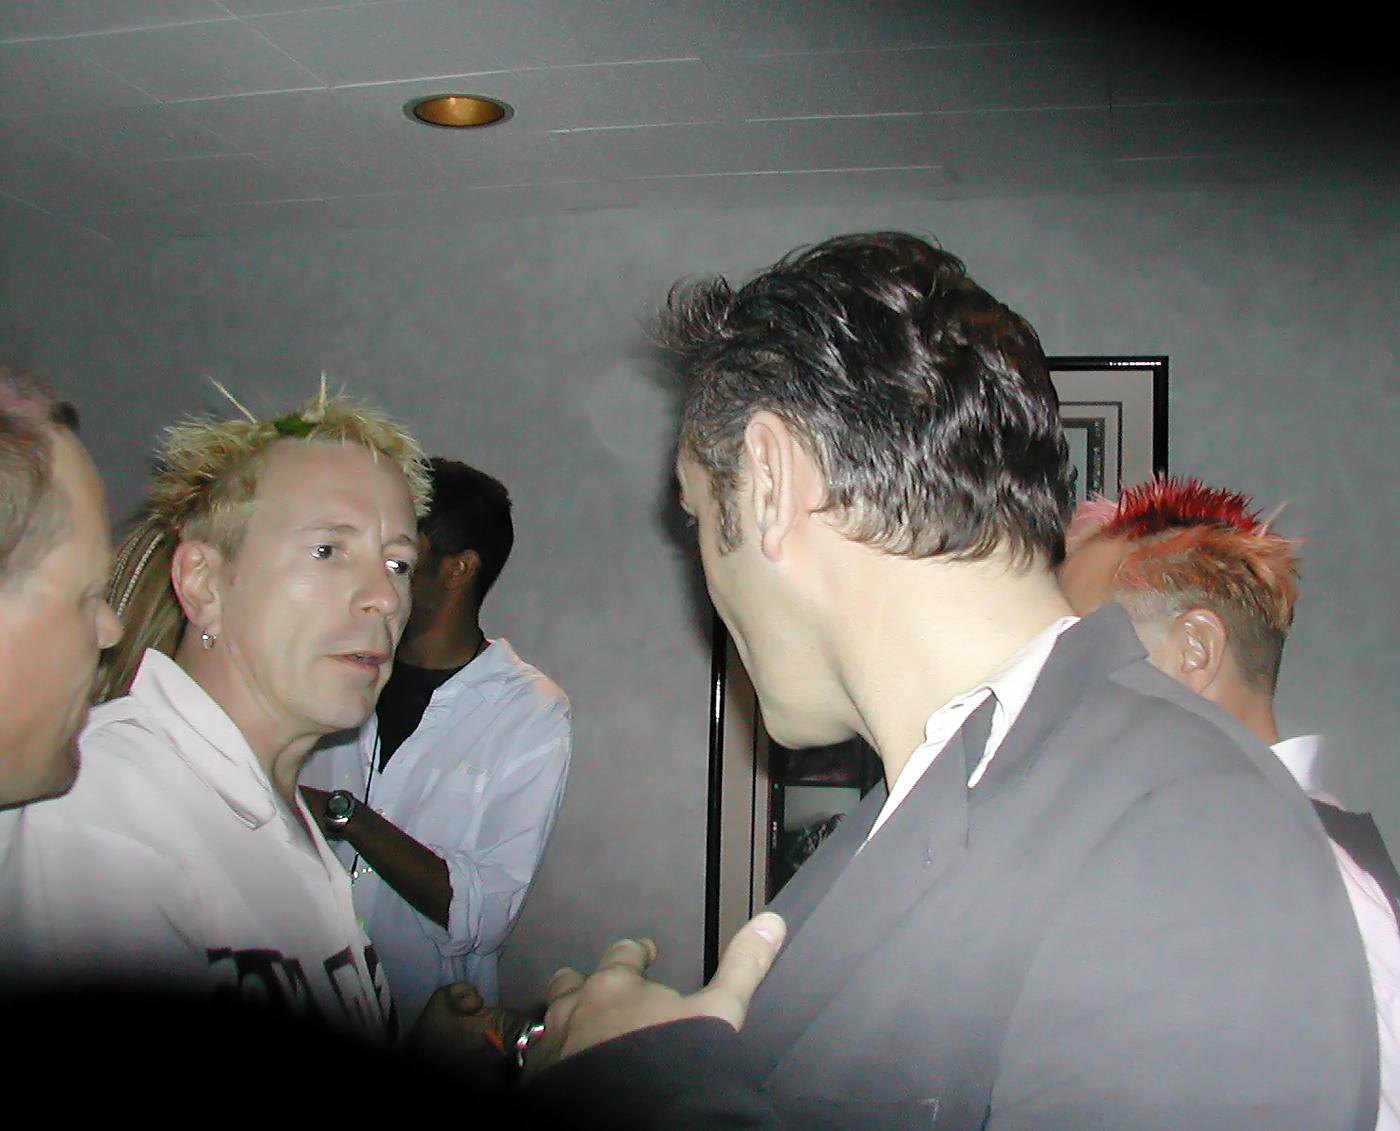 jr---Morrissey-&-Johnny-Rotten-backstage-white-stripes-21.jpg